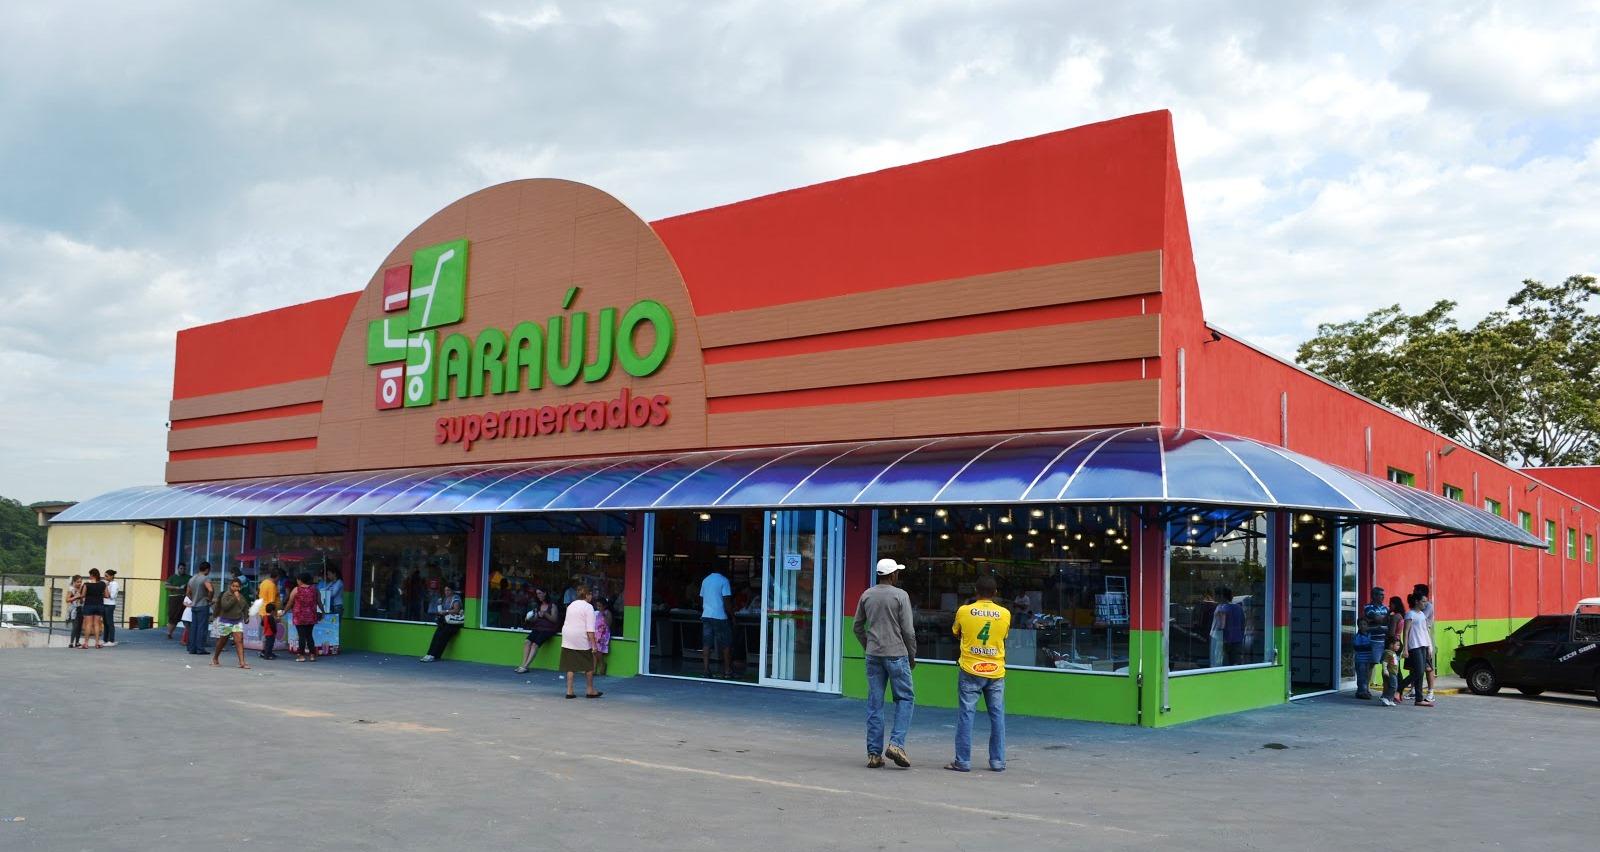 araujo supermercados 1 - Las agroexportaciones alcanzaron US$6,255 millones de dólares el 2017